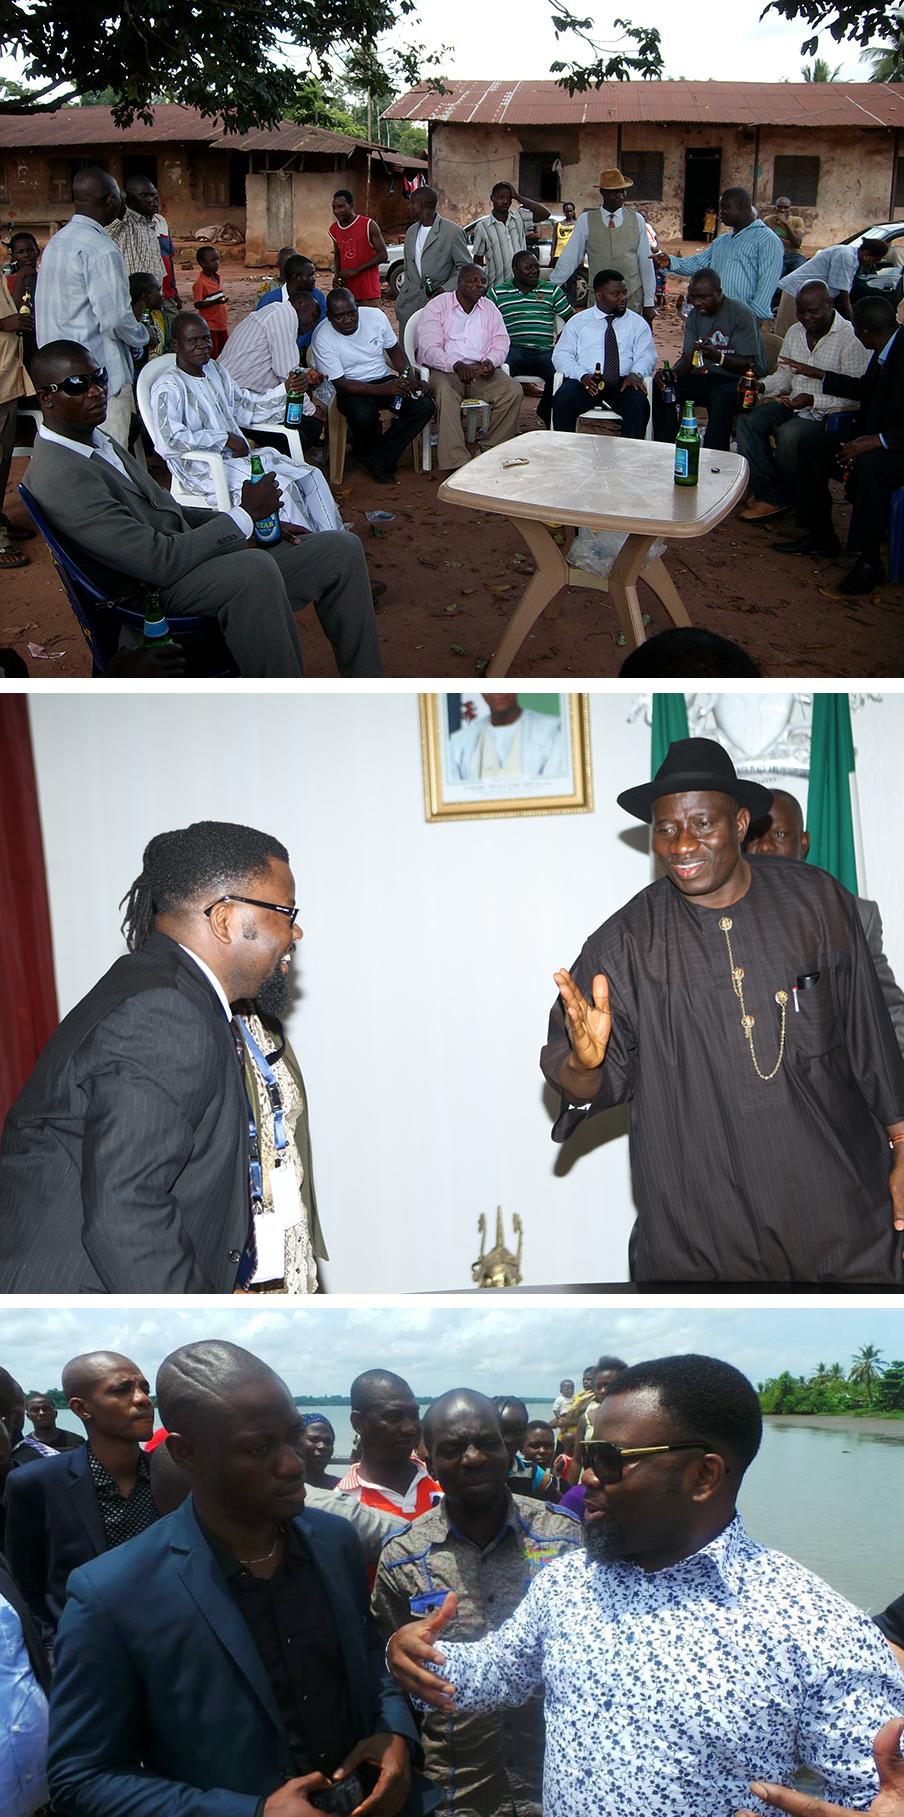 Sunny Ofehe in contact met bewoners van de Nigerdelta. Middelste foto: Sunny Ofehe ontmoet de Nigeriaanse president Goodluck Jonathan. Foto's uit het privé-archief van Sunny Ofehe